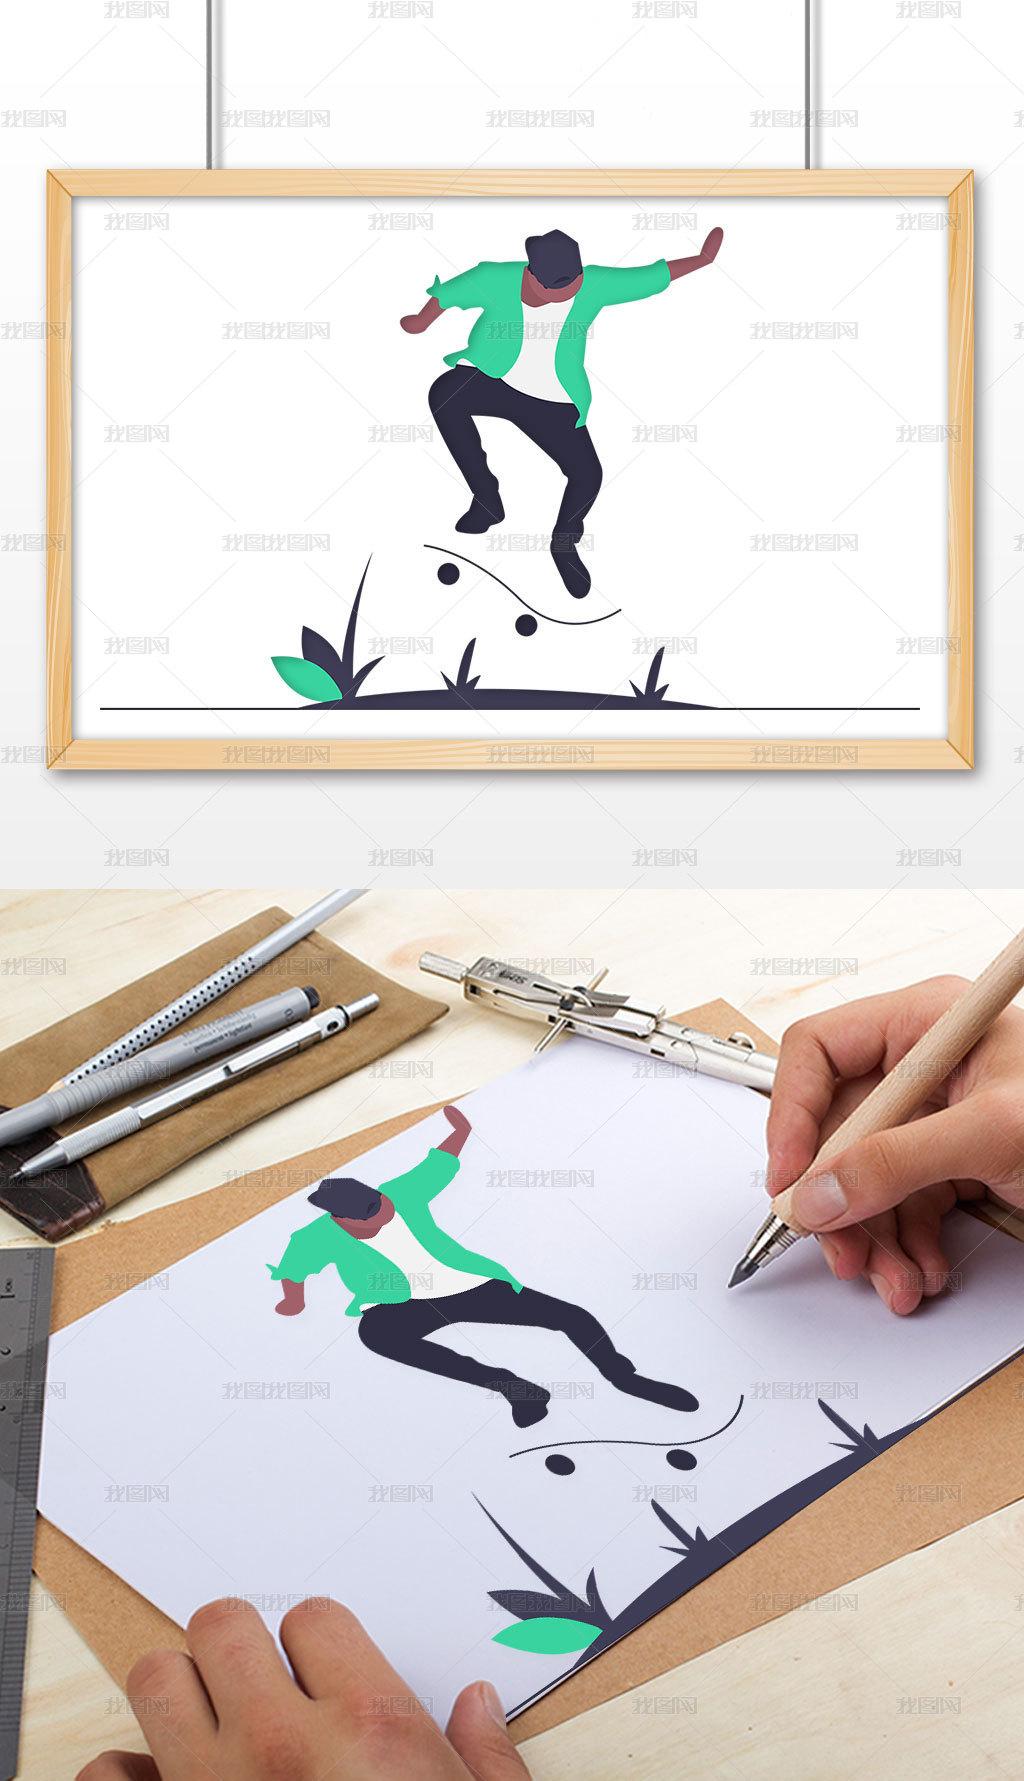 卡通人物矢量插畫滑板男孩